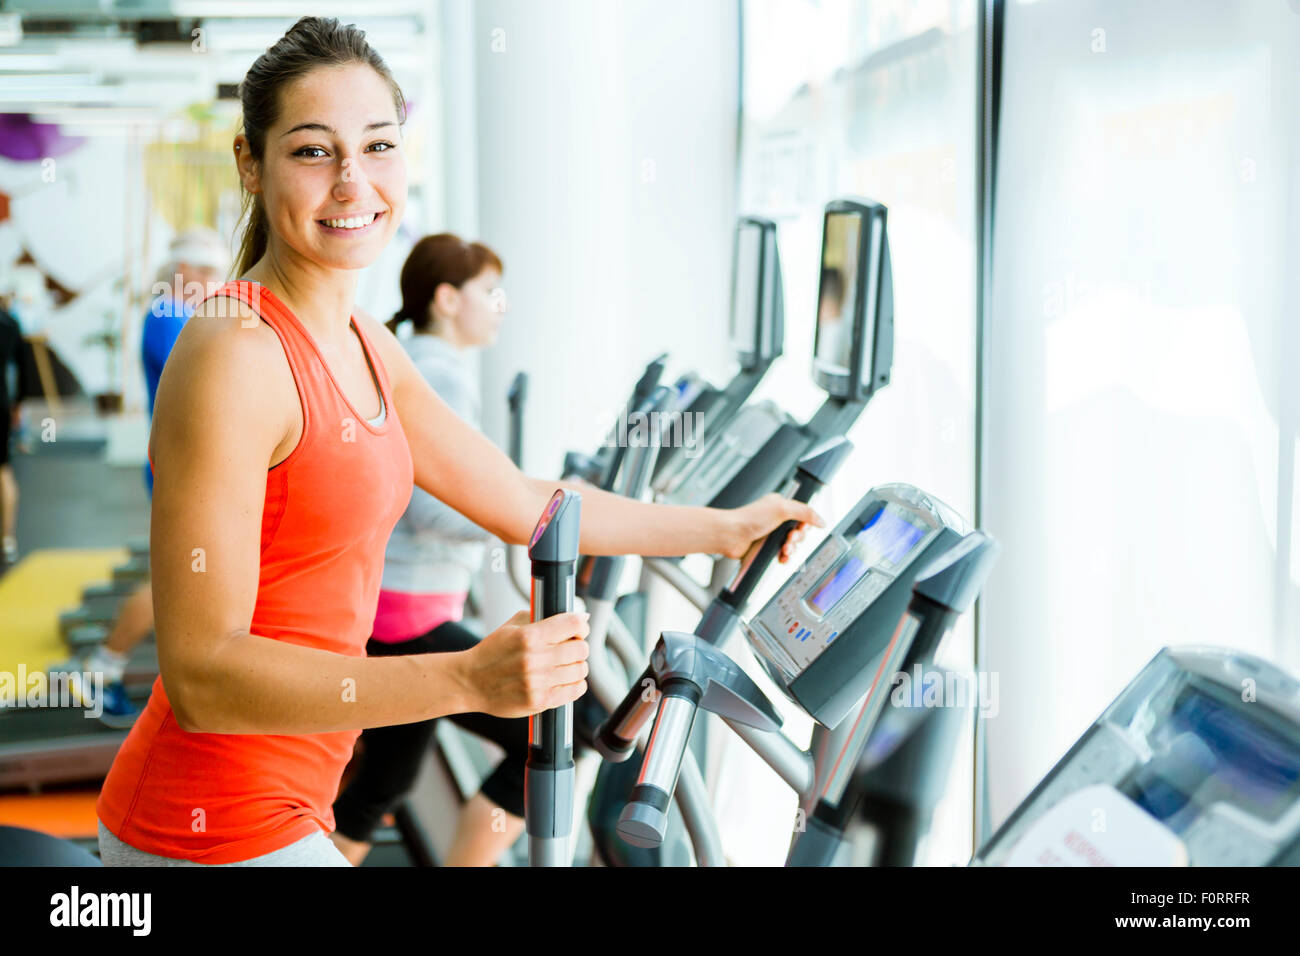 Junge passen Frau mit eine elliptische Trainer in einem Fitnesscenter und lächelnd Stockbild